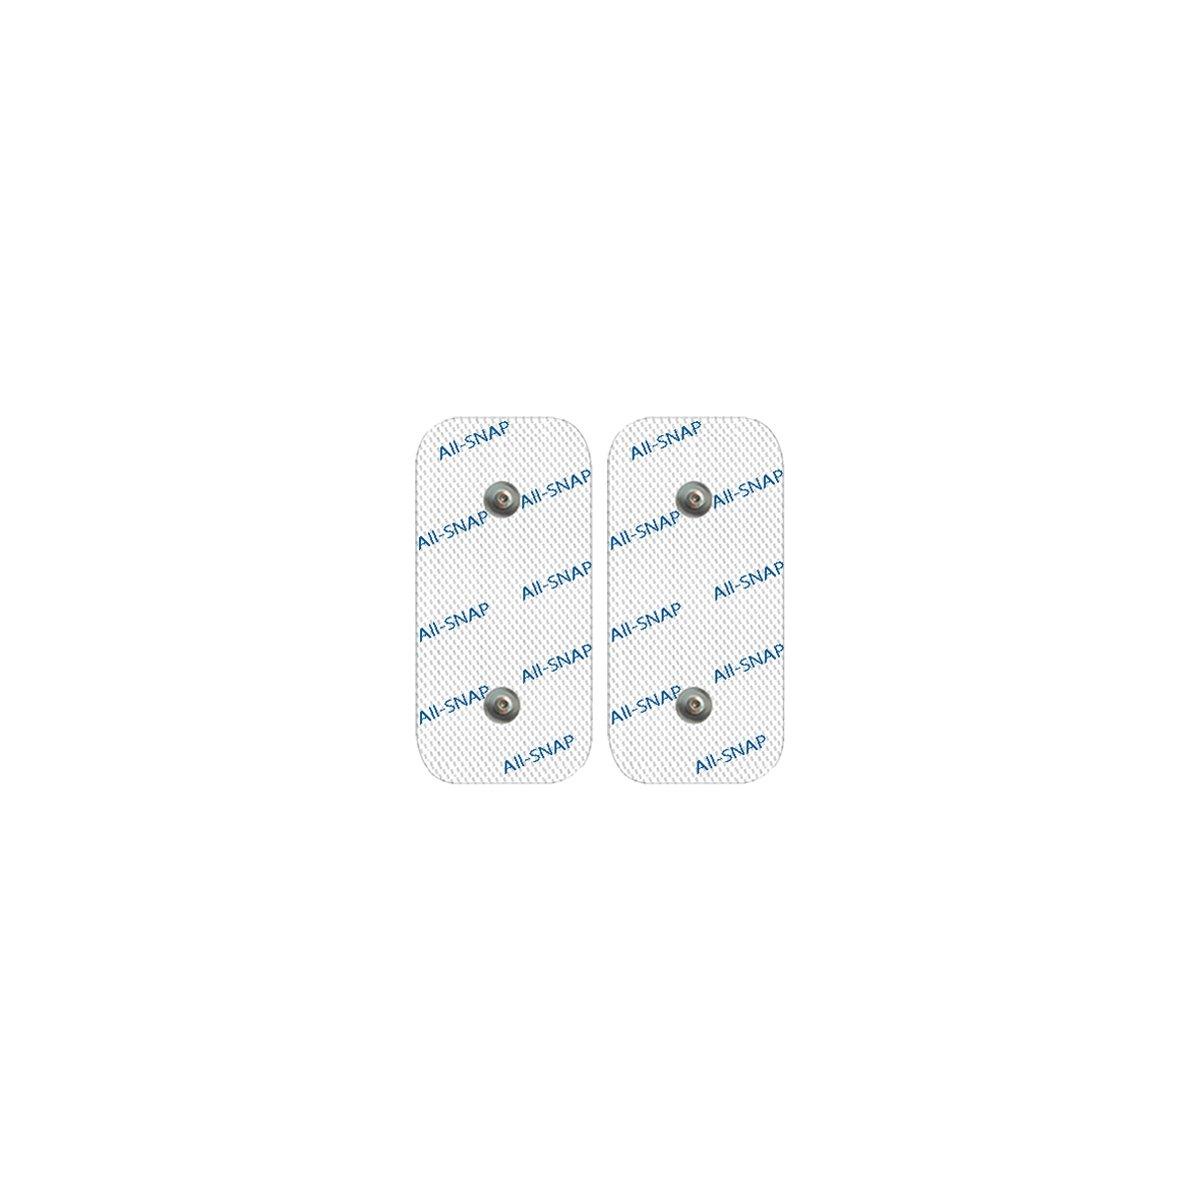 All-SNAP 2 Électrodes Snap, Garanti 100% Compatibles COMPEX - Haute Performance et Longue Durée de Vie (2 électrodes de 50x100mm Dual-Snap) - Economisez jusqu'à 60% par Rapport à l'original !